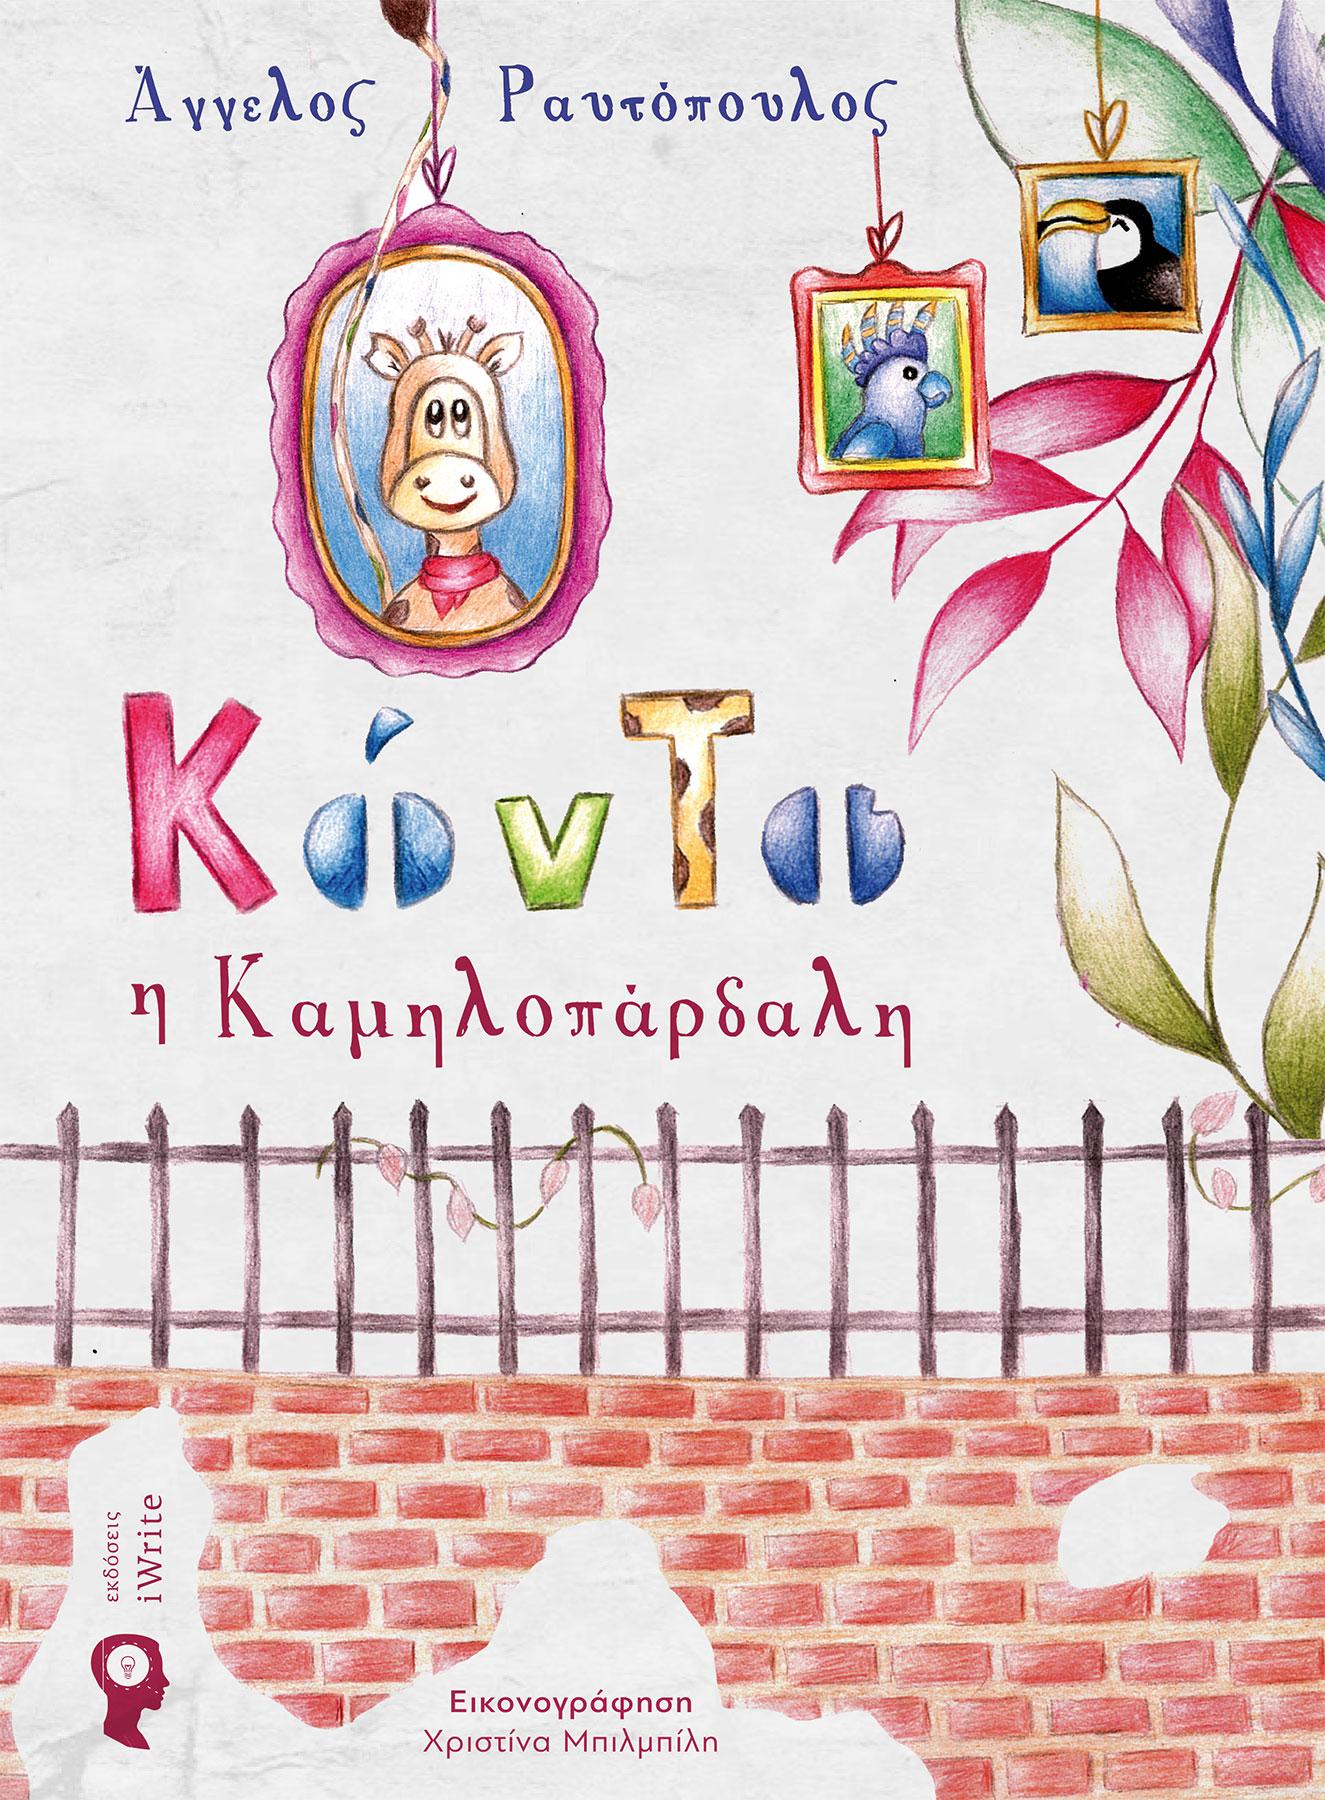 Κόντο η καμηλοπάρδαλη, , Ραυτόπουλος, Άγγελος, Εκδόσεις iWrite, 2020